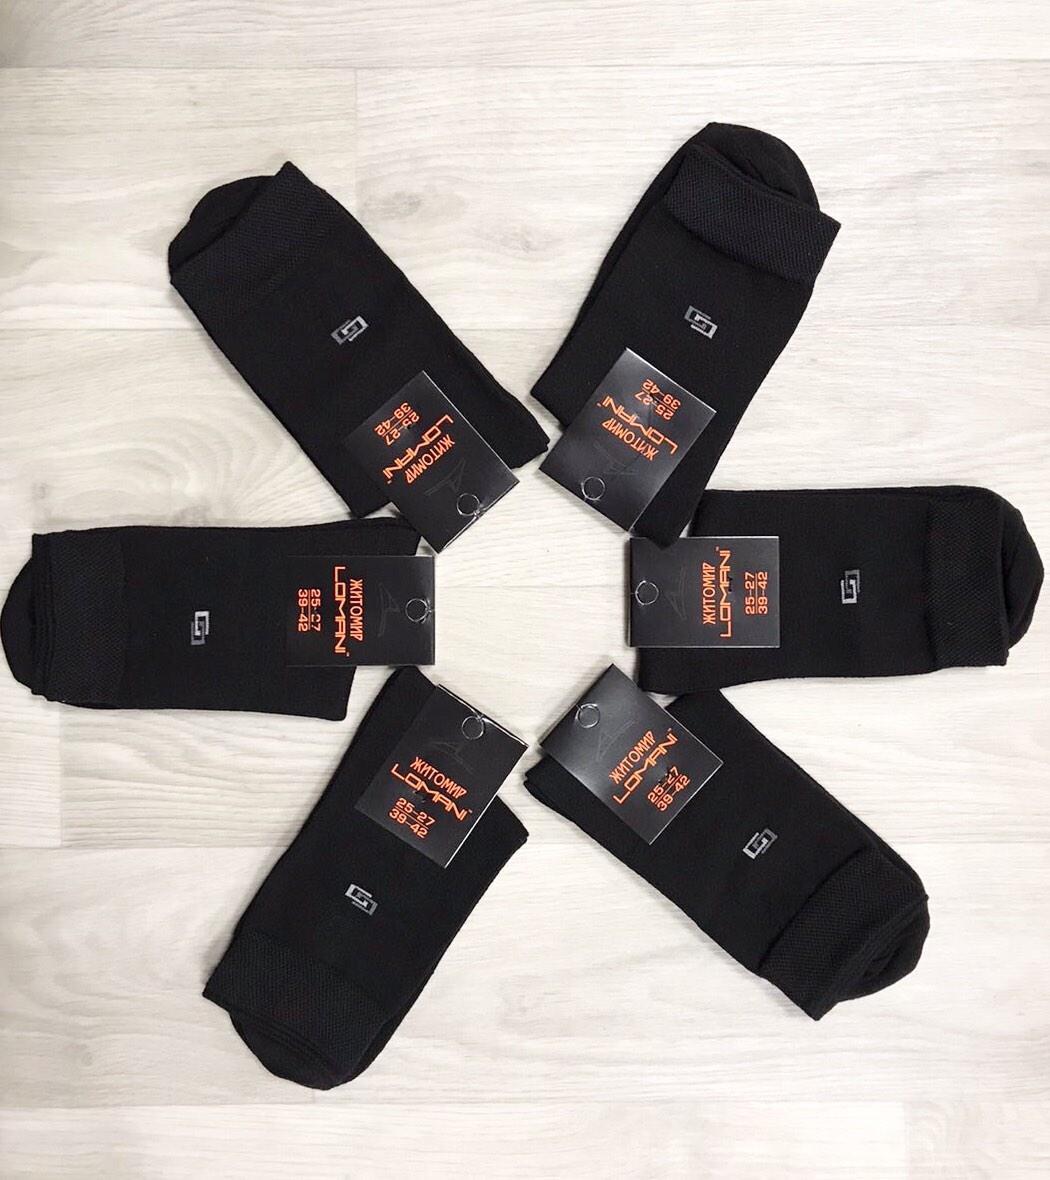 Демісезонні шкарпетки бавовна середні Житомир ТМ LOMANI розмір 29-31 (44-46) чорні